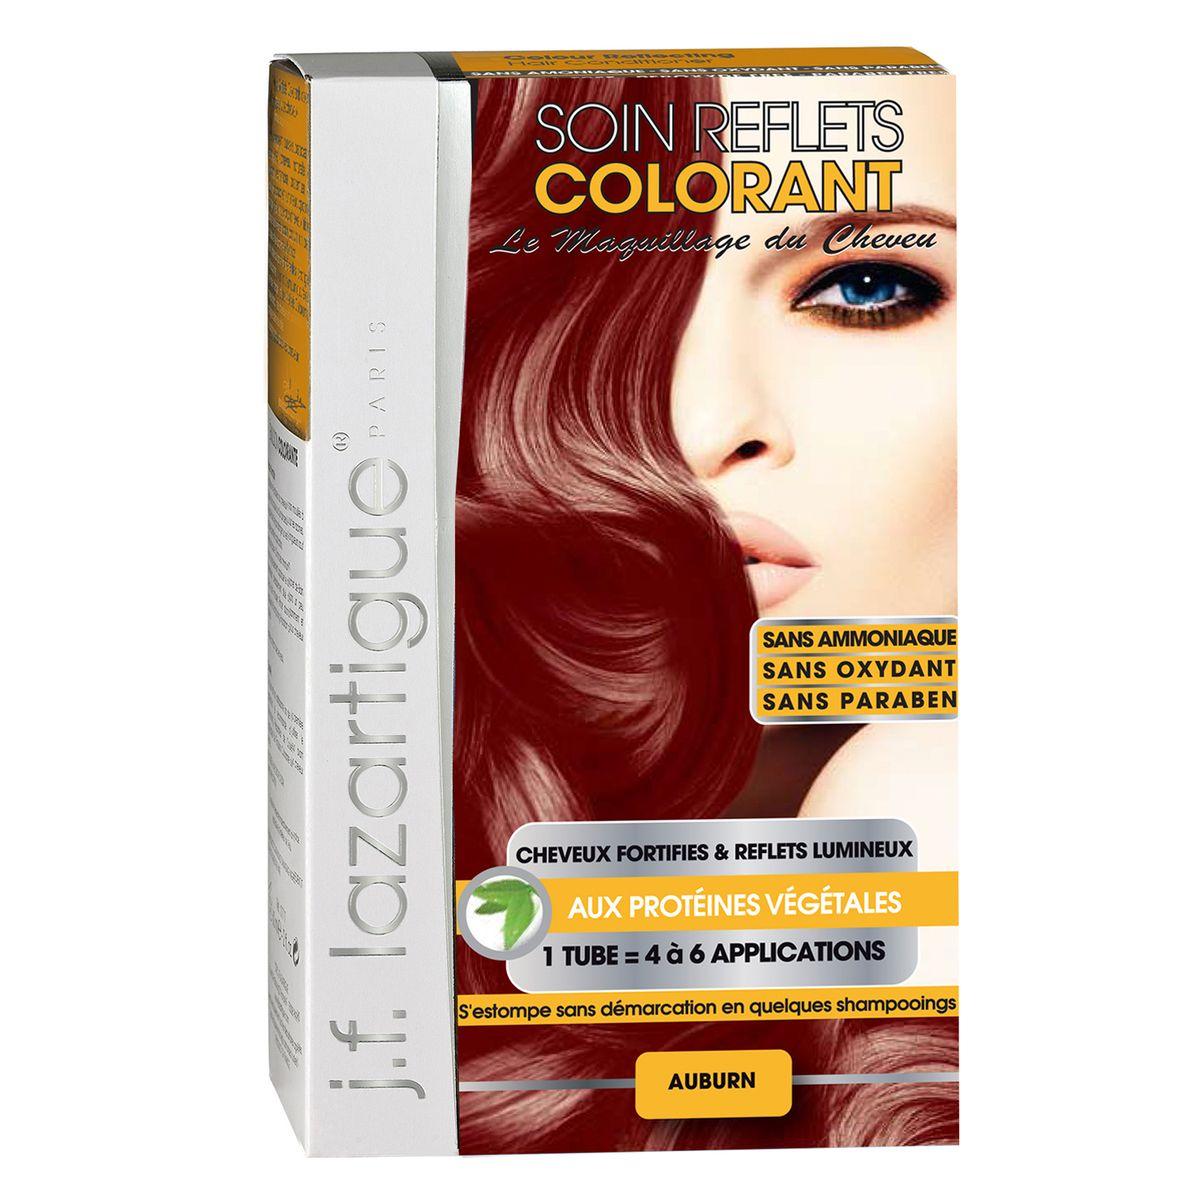 J.F.Lazartigue Оттеночный кондиционер для волос Рыжий 100 мл61633Оттеночный кондиционер J.F.LAZARTIGUE – это лечебный макияж для Ваших волос. Два эффекта: кондиционирование волос и легкий оттенок. Особенности: придает новый или более теплый (или холодный) оттенок, делает тон темнее или акцентирует цвет, оживляет естественный цвет или придает яркость тусклым и выцветшим на солнце волосам. Закрашивает небольшой процент седины! После мытья волос шампунем (3-6 раз) смывается. Для достижения индивидуального оттенка можно смешать два разных кондиционера: добавить к выбранному ТЕМНЫЙ РЫЖИЙ (Auburn), МЕДНЫЙ (Copper) и т.п. Не осветляет волосы. Не содержит аммиака и перекиси водорода. Не содержит парабенов. Не предназначен для окрашивания бровей и ресниц.